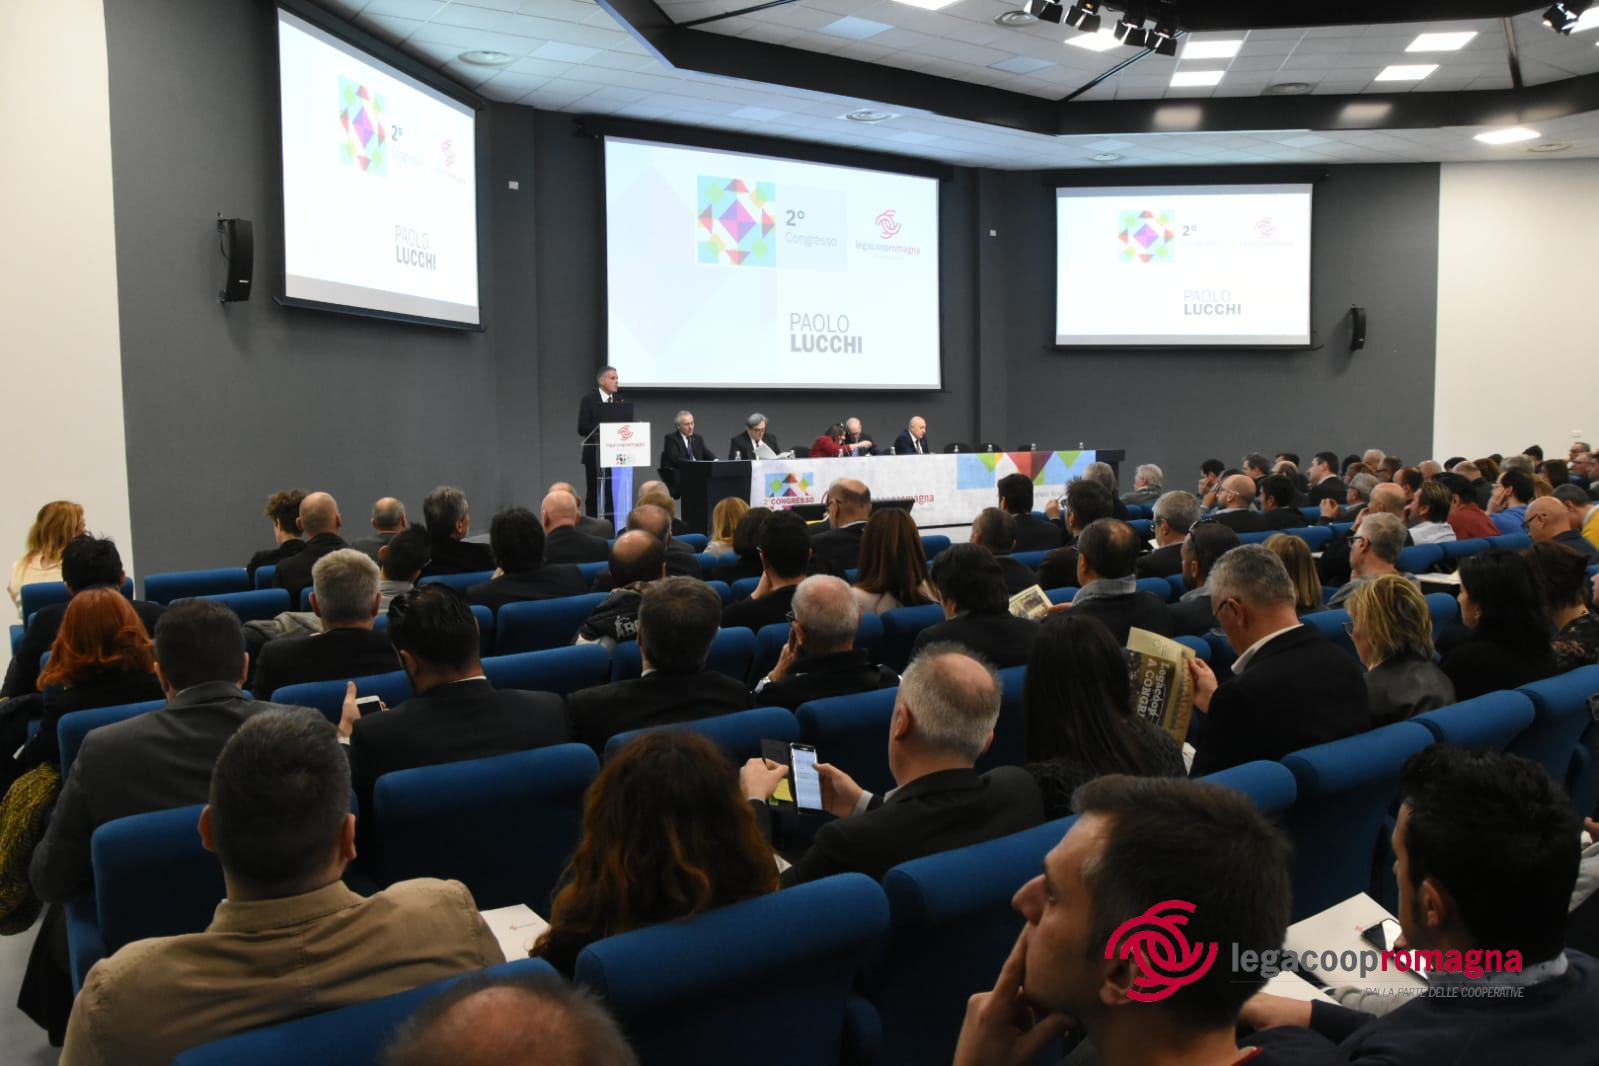 Congresso Legacoop Romagna, confermati Russo e Mazzotti, Gianni nuova vicepresidente